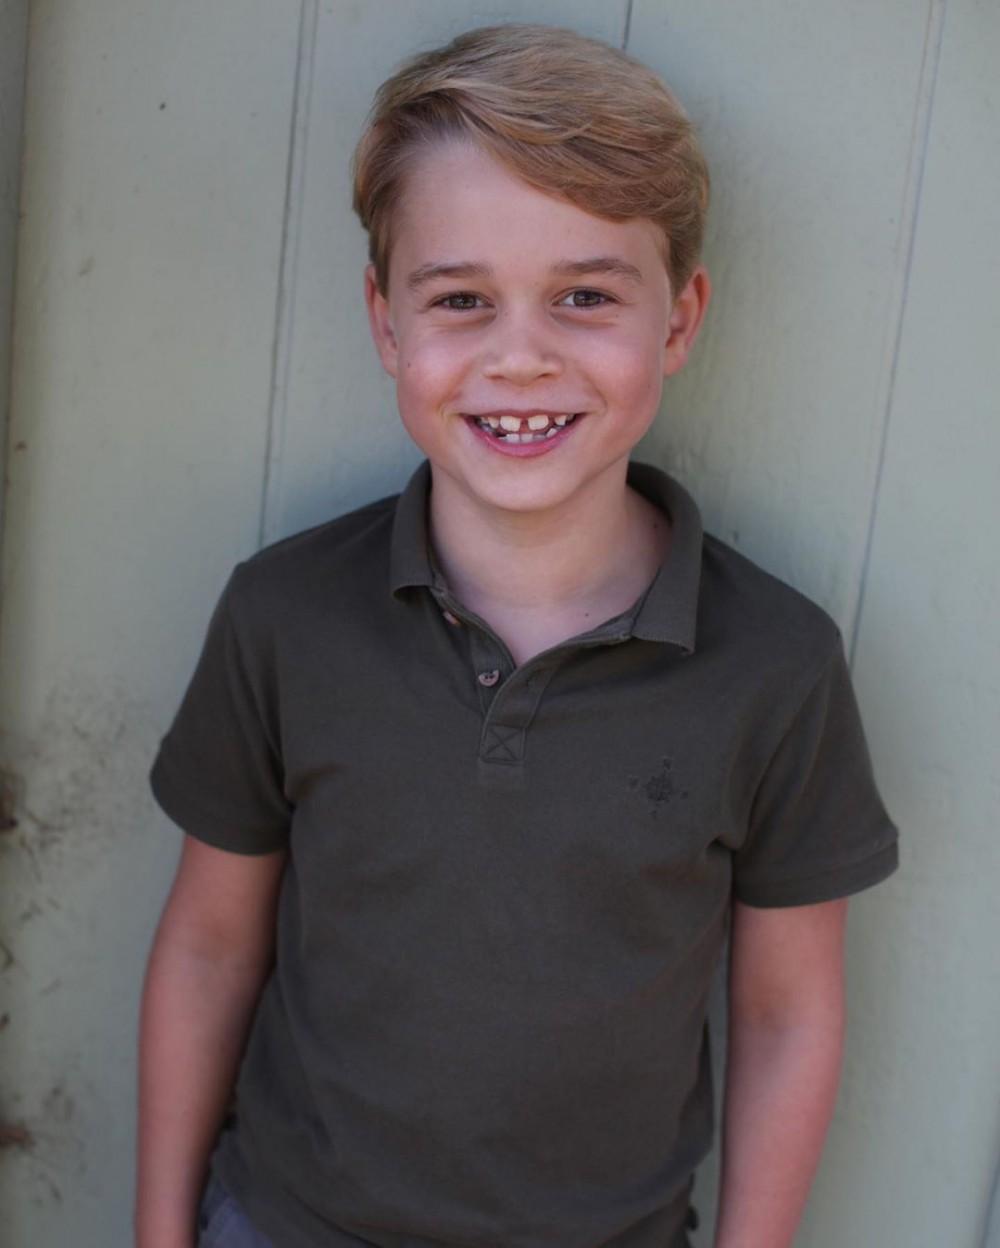 喬治王子的7歲生辰!1